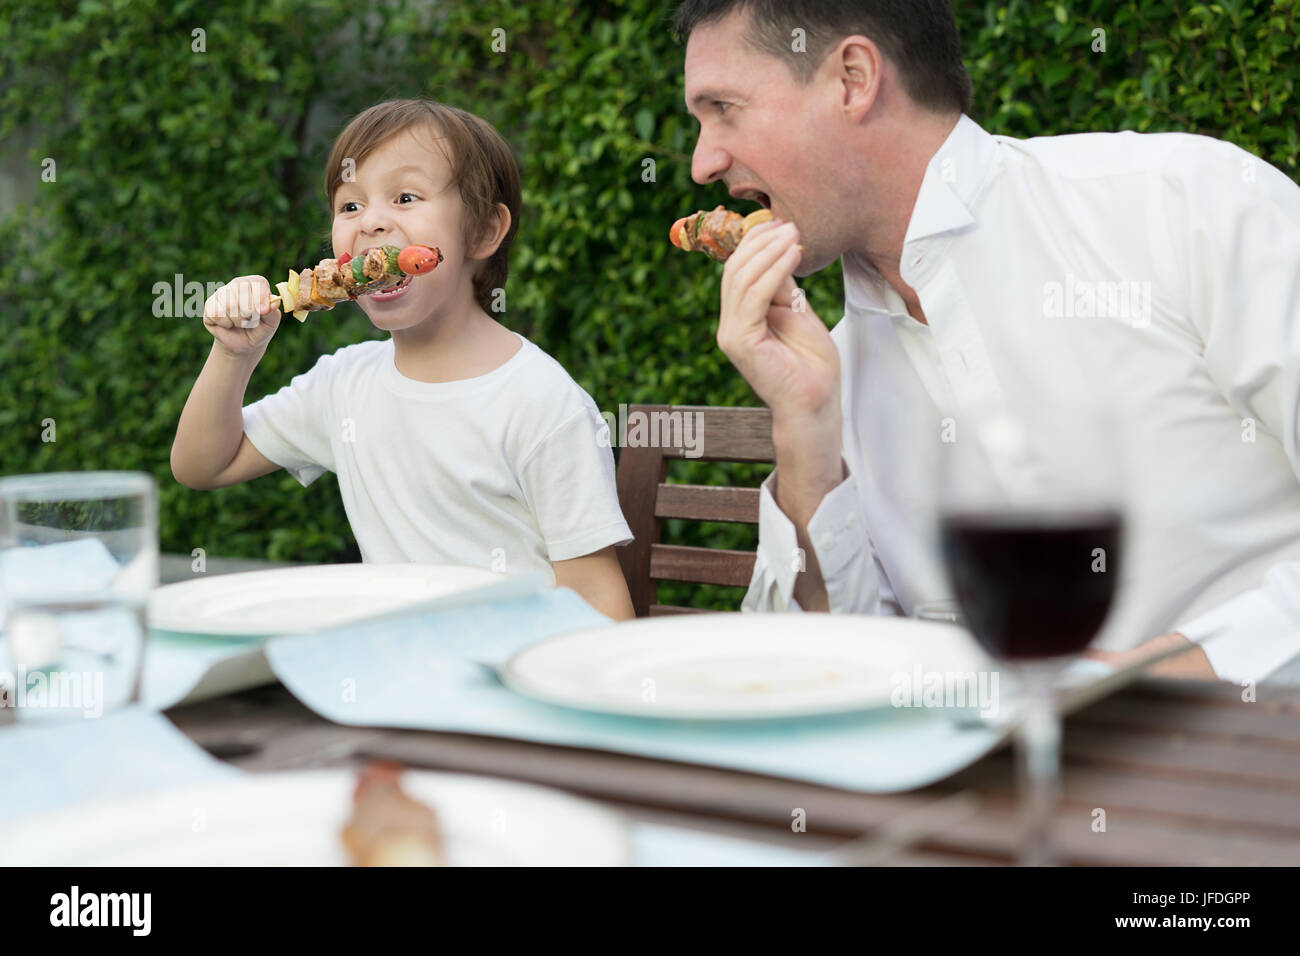 Padre con piccolo ragazzo bcute mangiare barbecue in famiglia ora di pranzo a casa. Immagini Stock